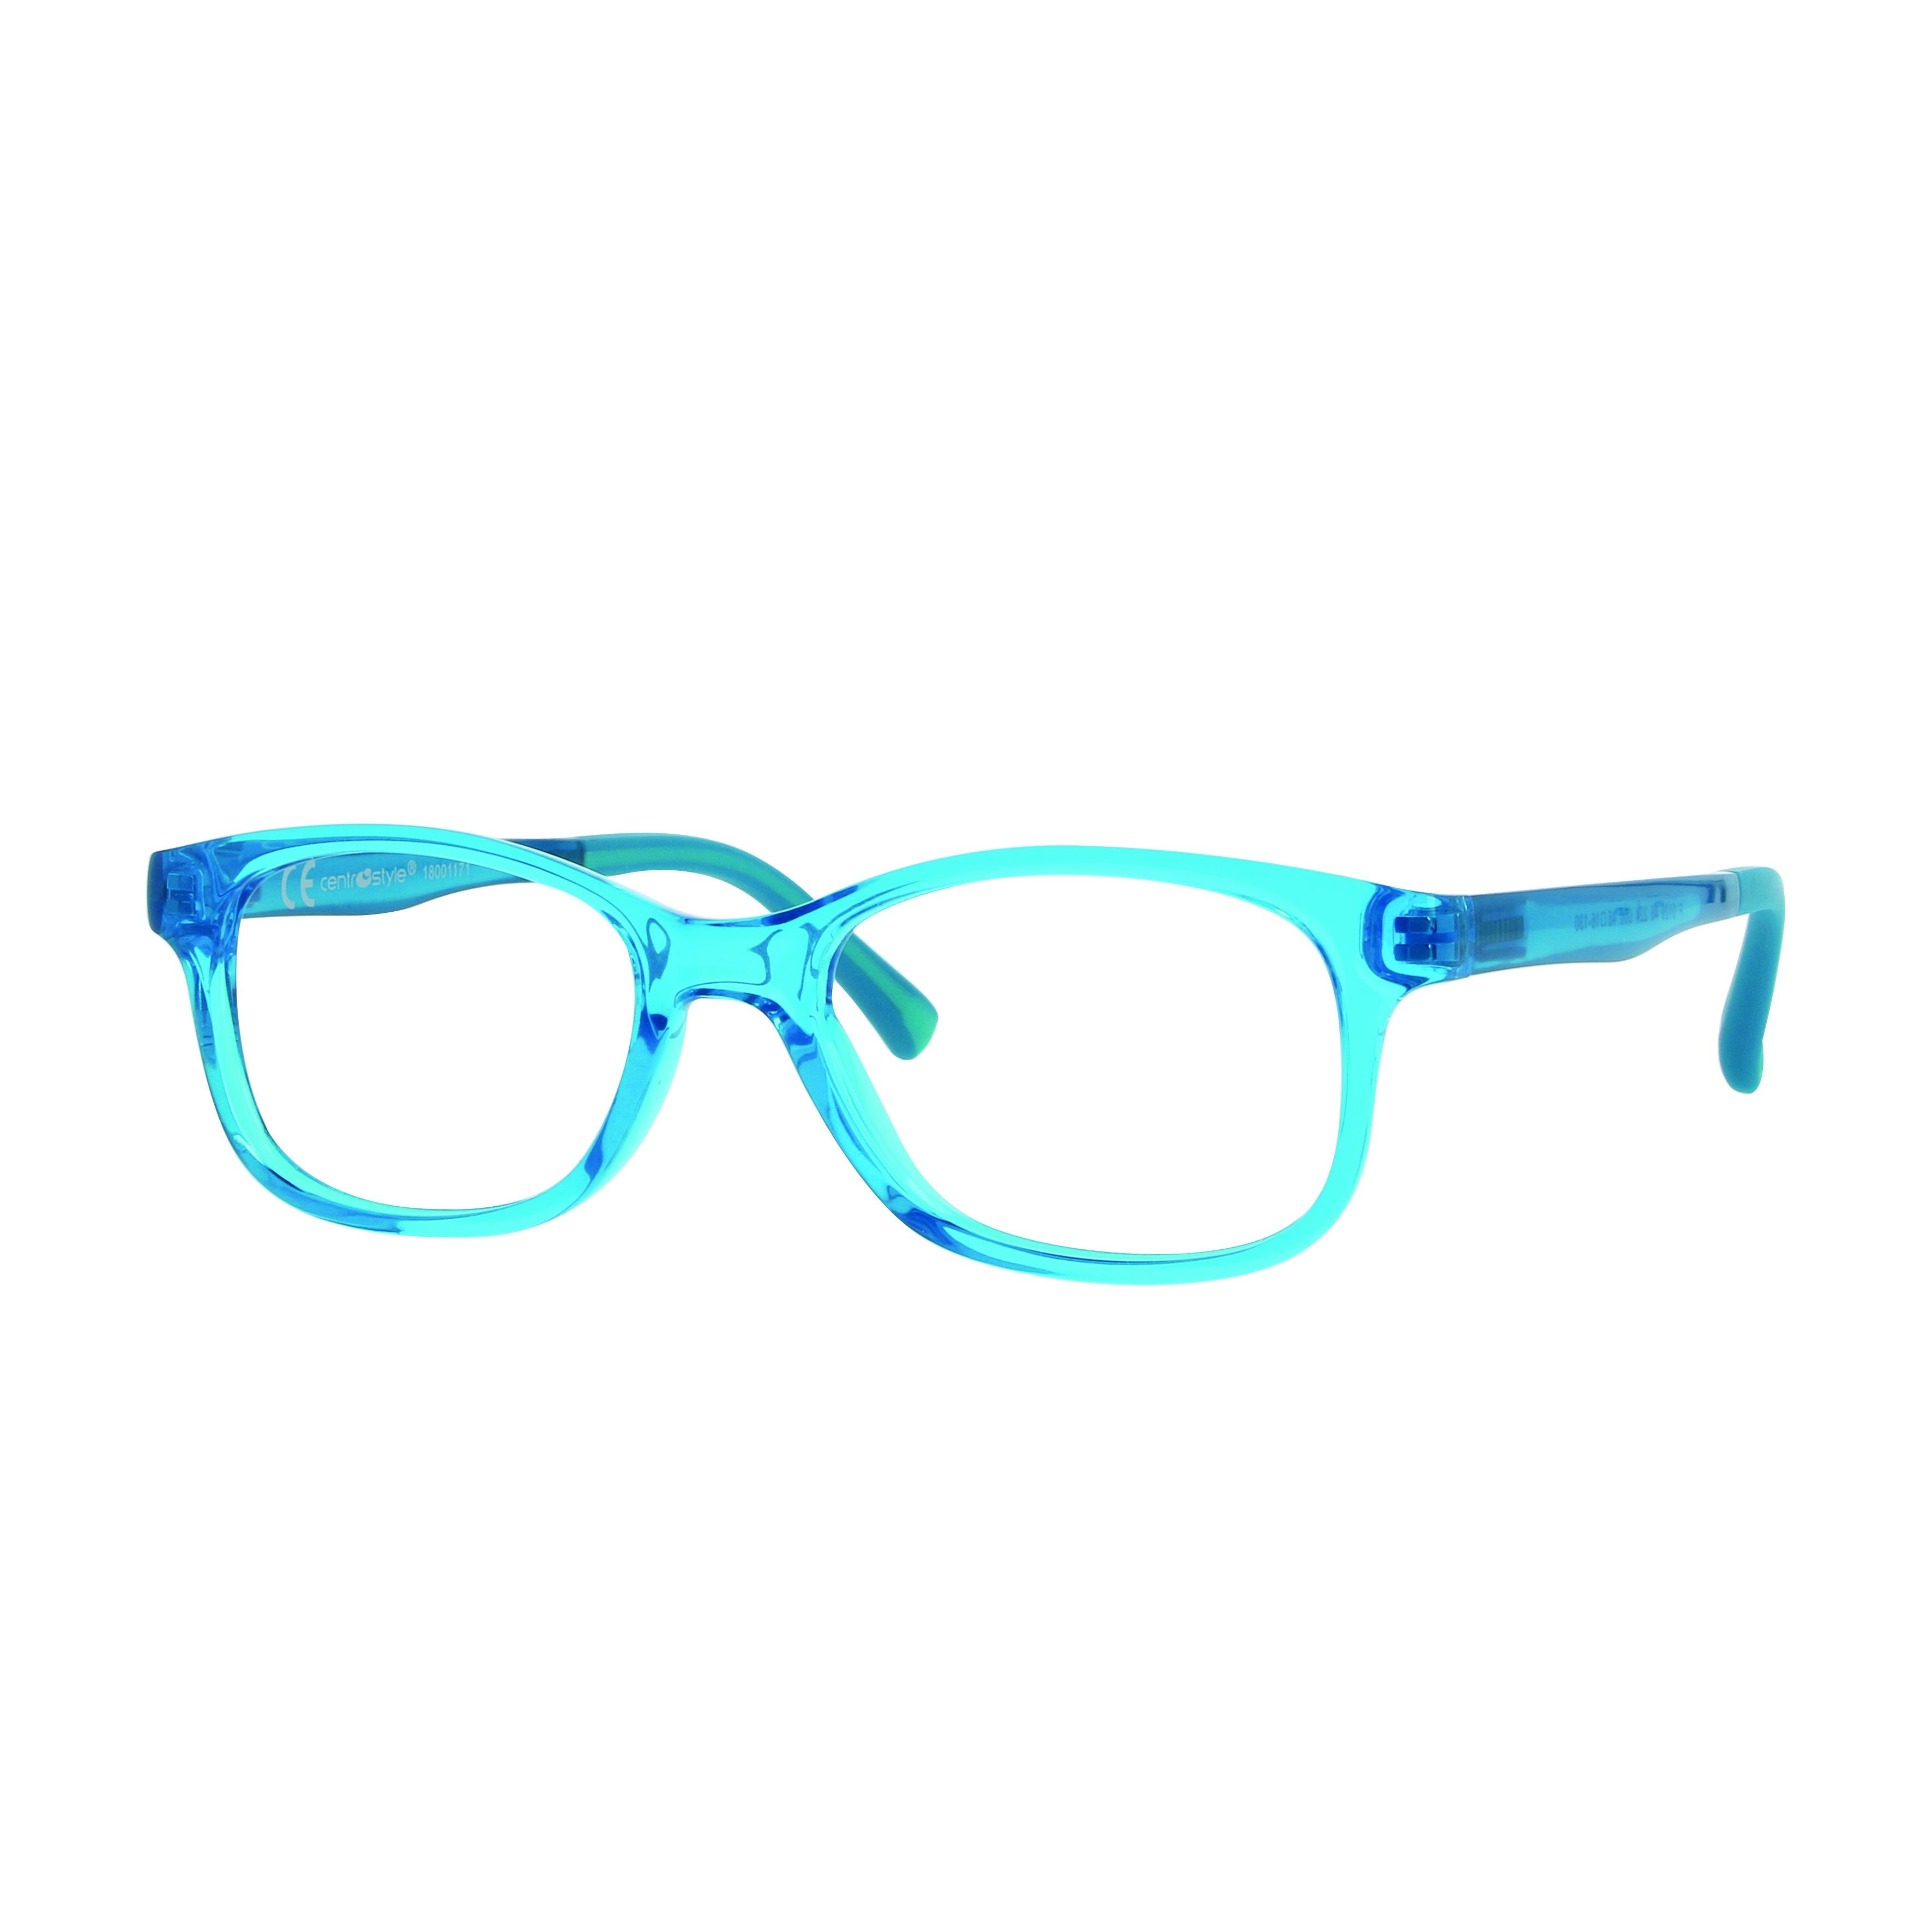 02F012944224000 - Armação Active Colours (5) 44x15 Azul Mod F012944224000 - Contém 1 Peça